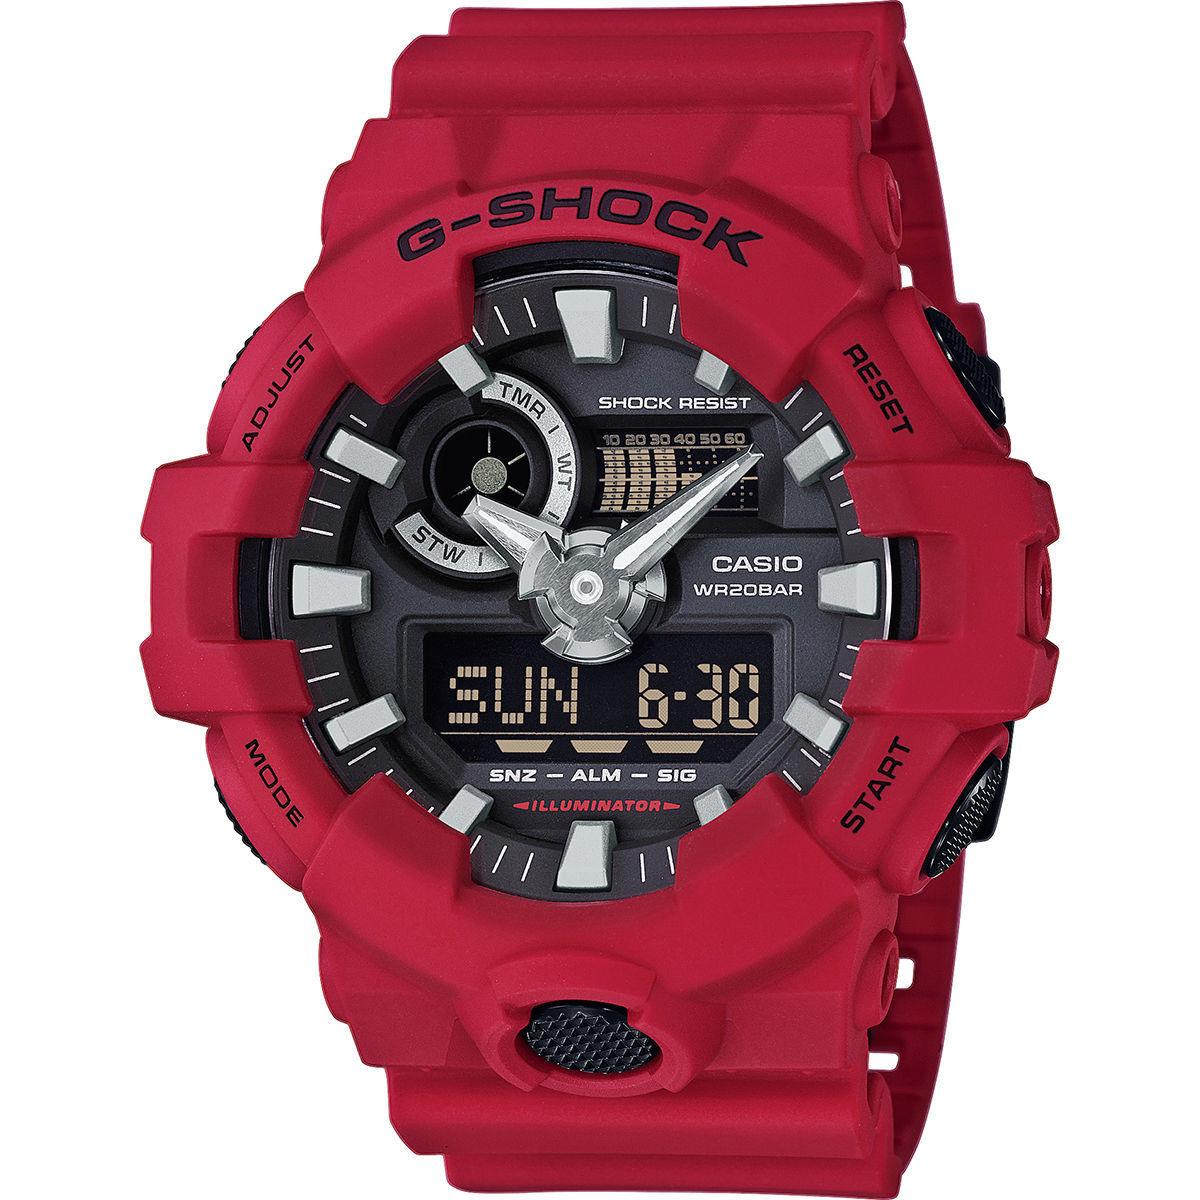 Casio G-Shock  GA-700-4AER (rot) oder GA-700-7AER (weiß)  - Versandkostenfrei mit Gutschein -